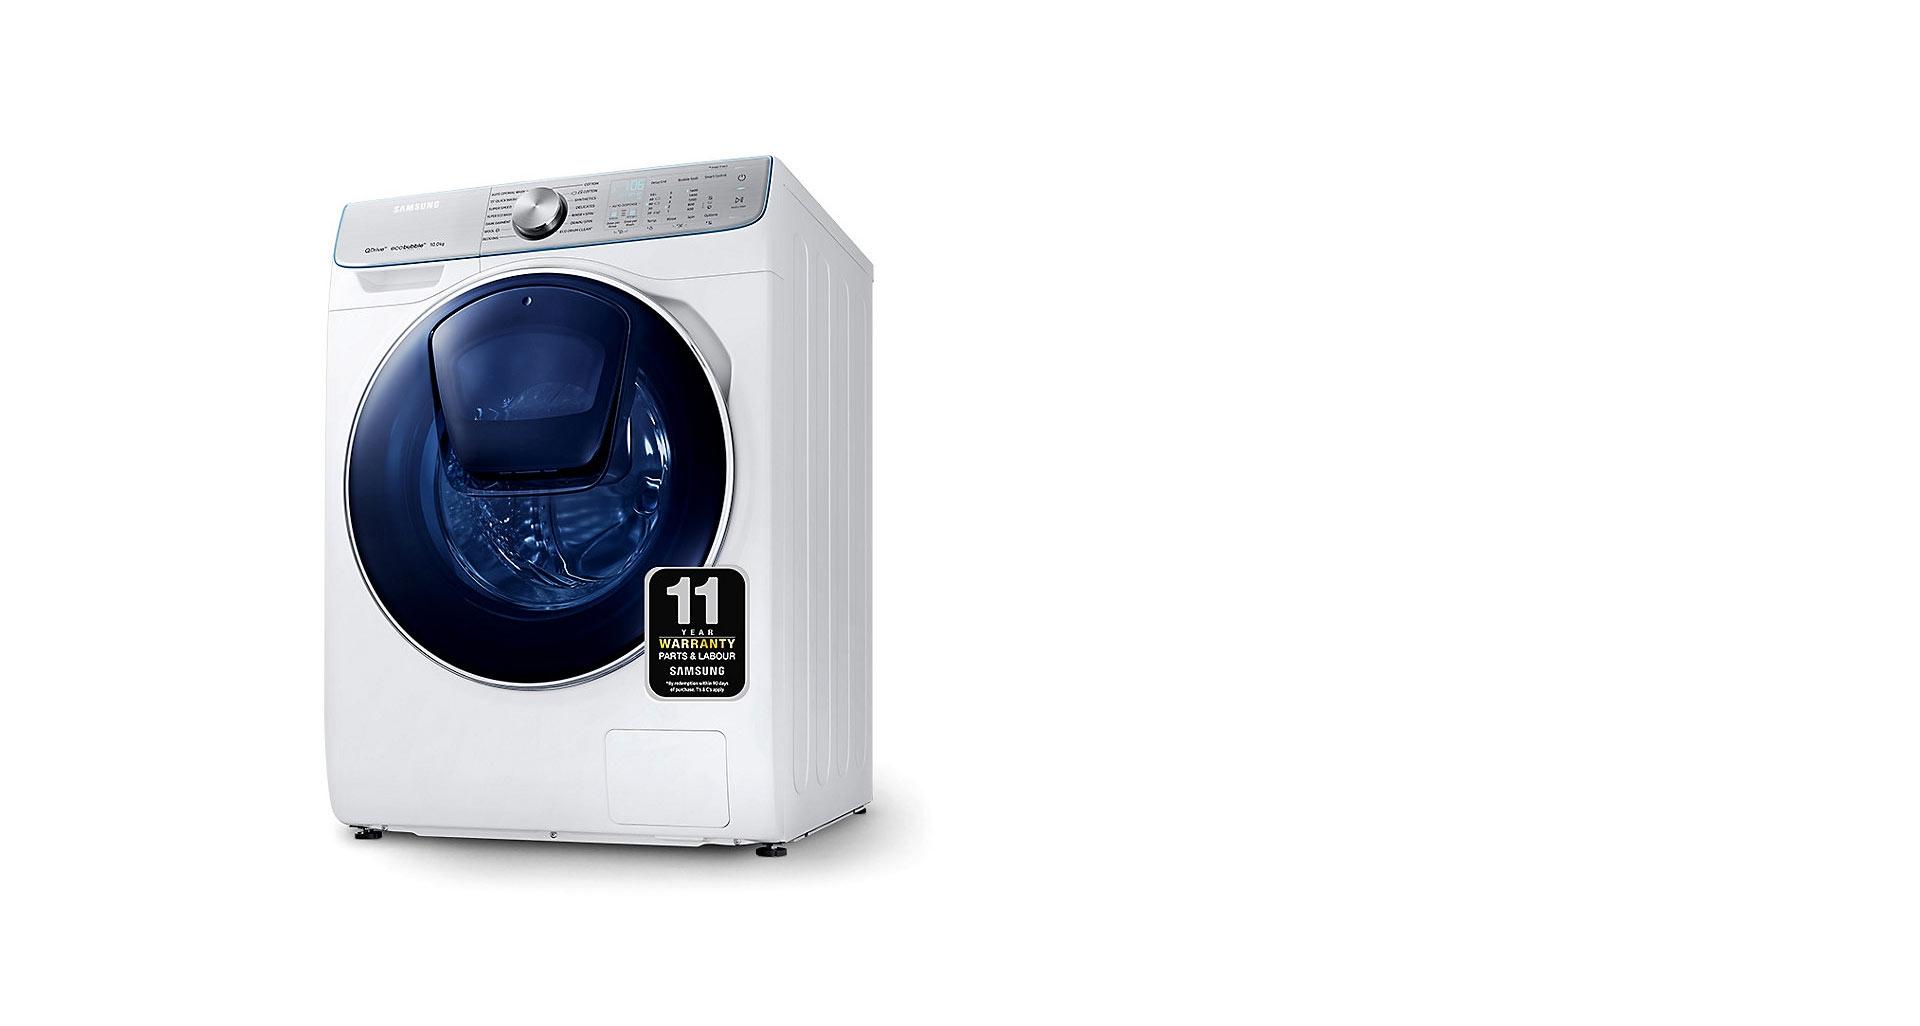 ماشین لباسشویی کوئیک درایو با عملکرد مطمئن و طولانی مدت